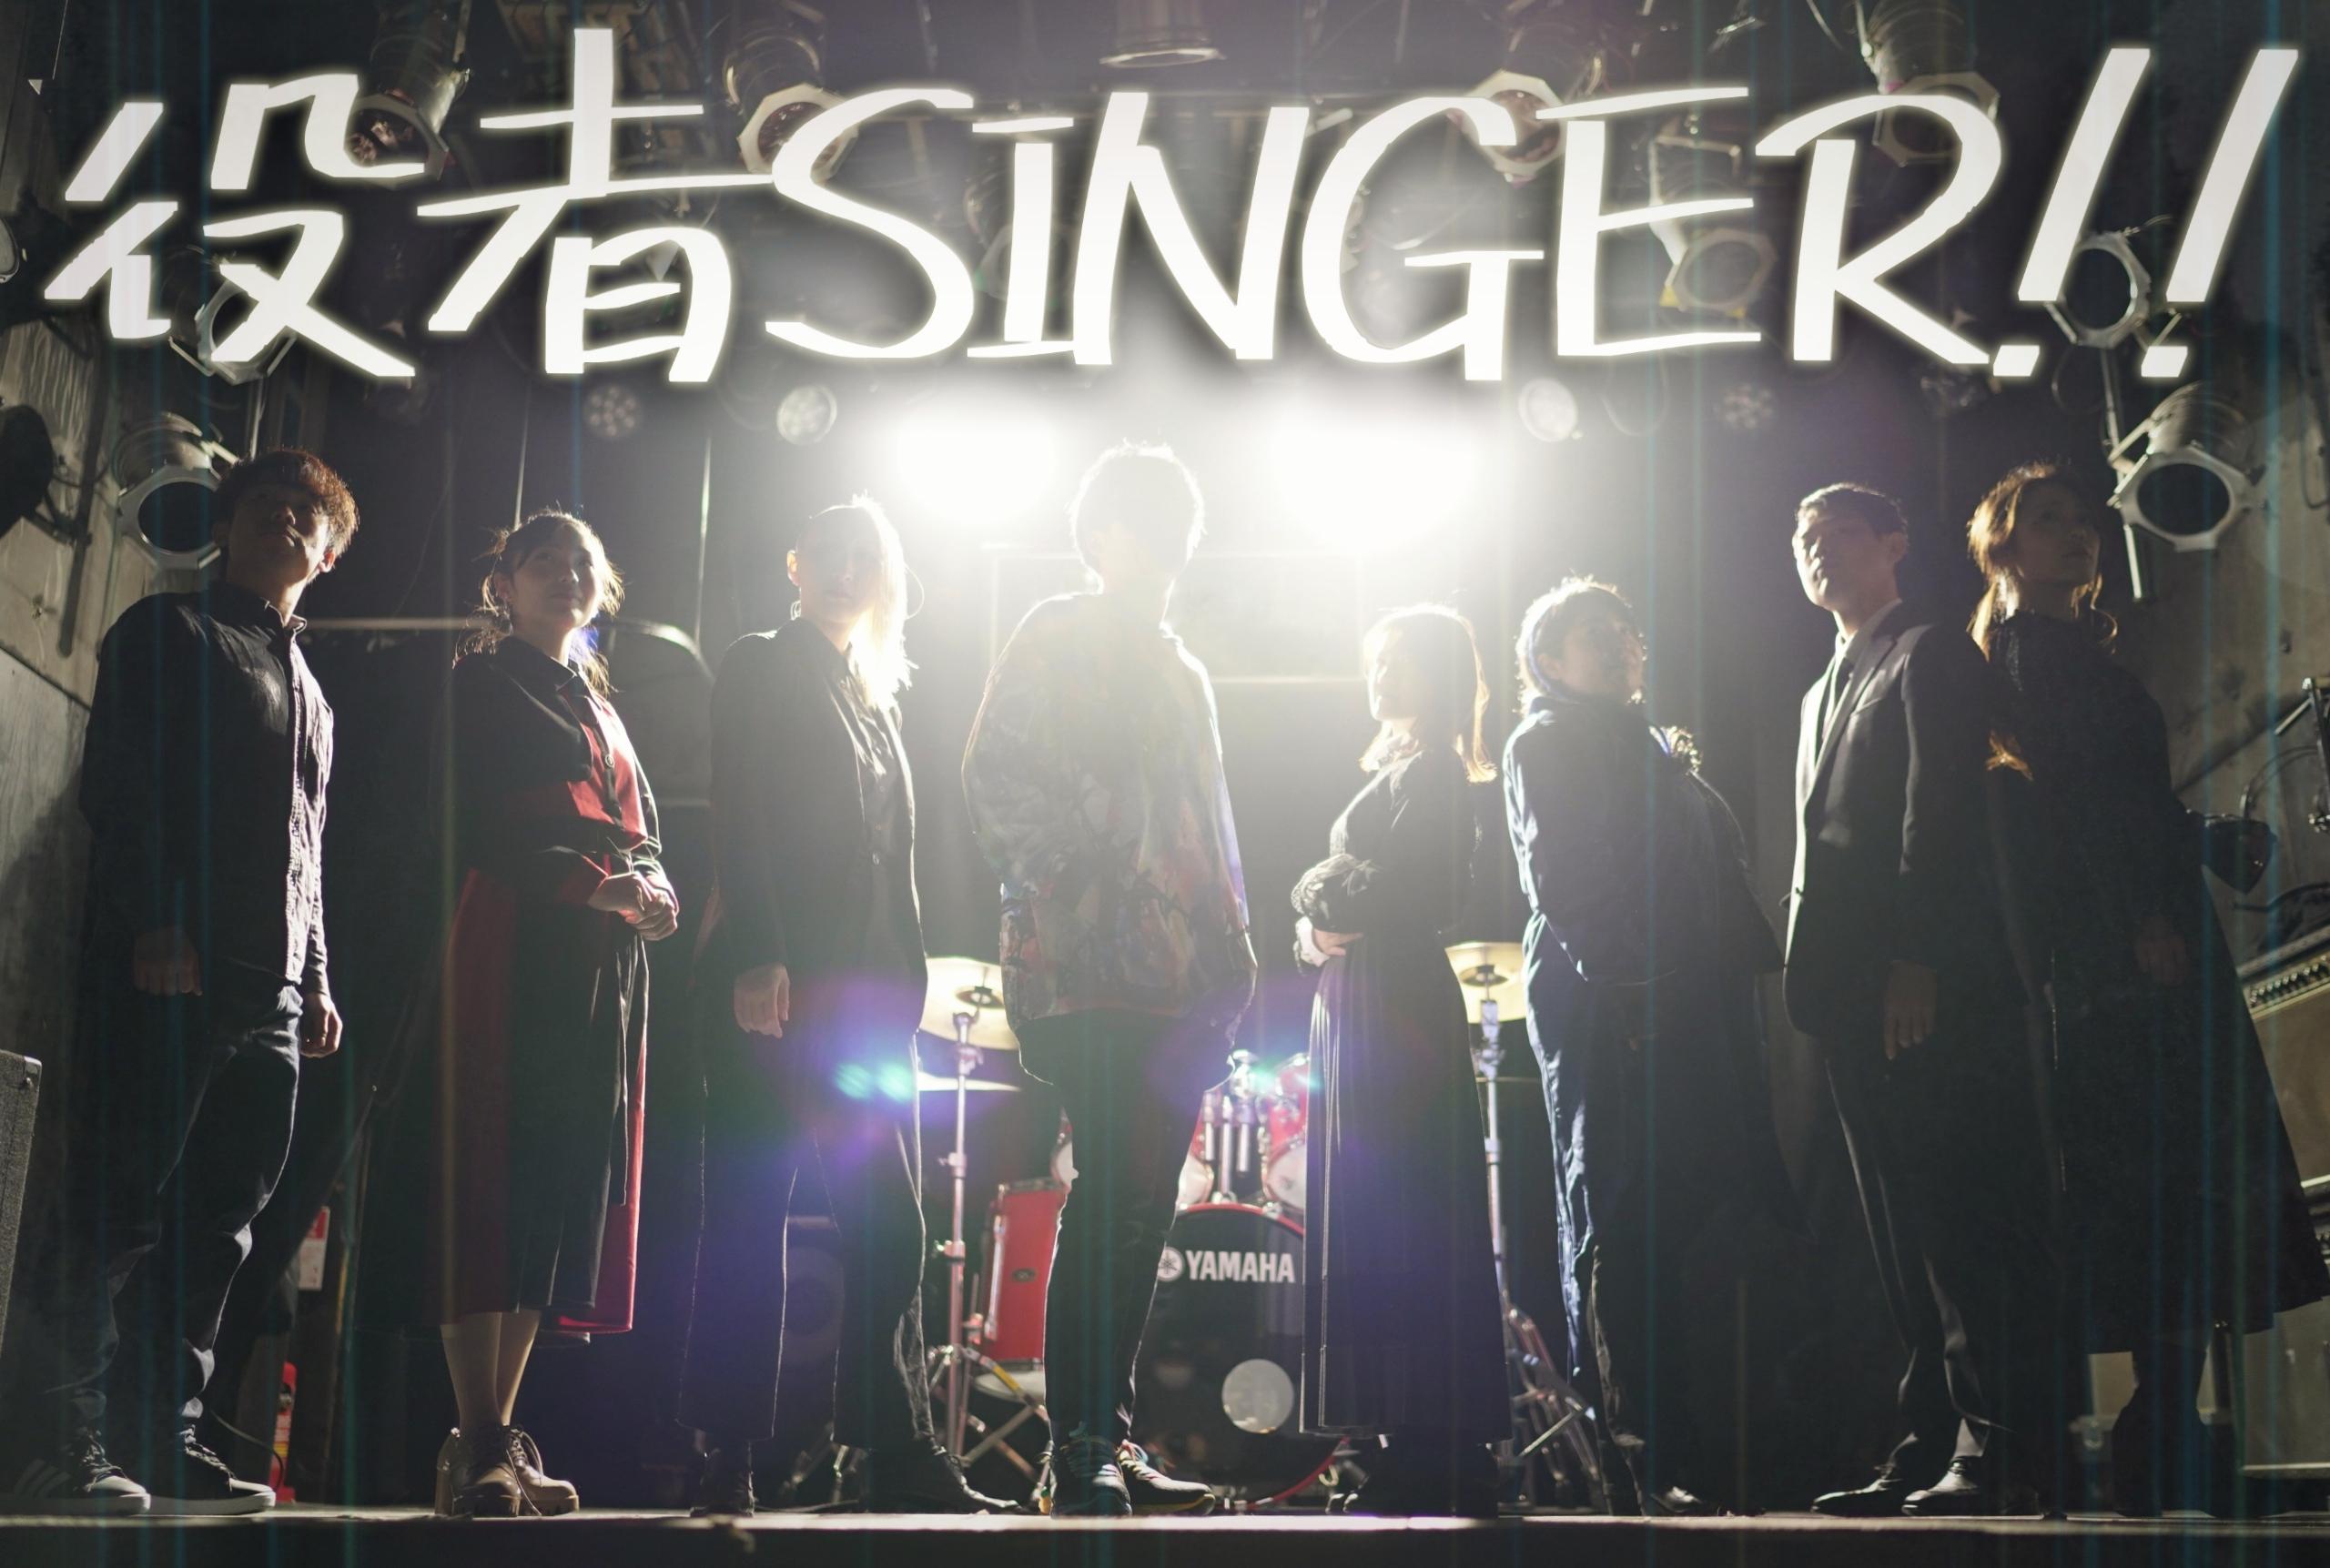 オーディション [大阪]役者による音楽ライブ「役者SINGER!!」出演者募集 大阪から、役者が音楽による表現を出来る場を創りたい 主催:スタジオクルール、カテゴリ:歌手